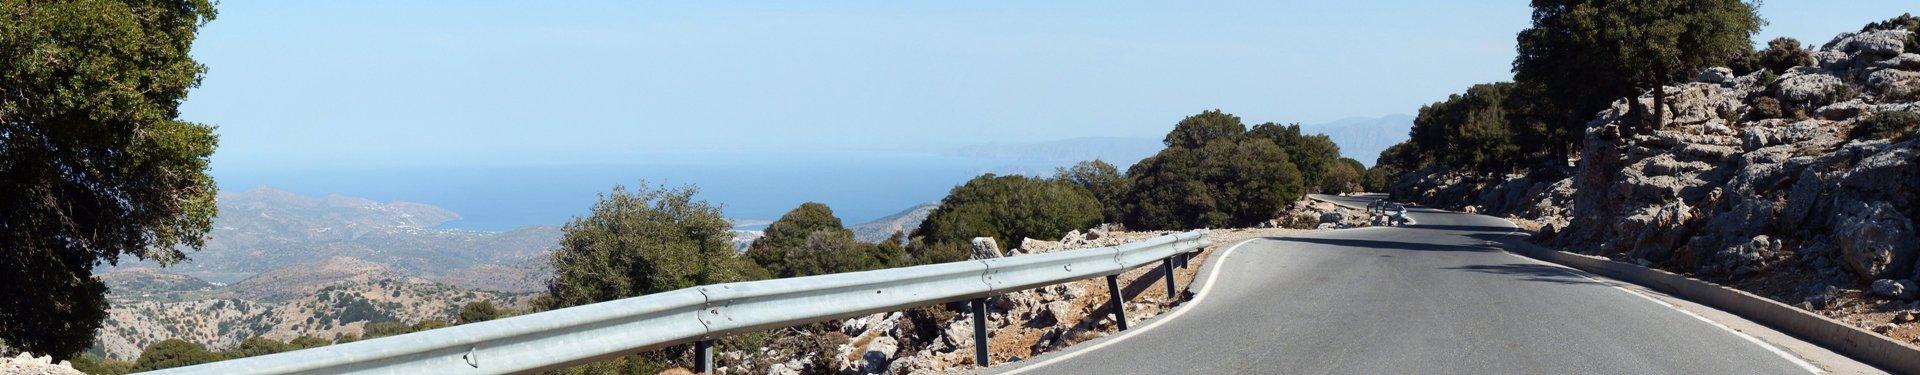 Biking The Crete Mountains